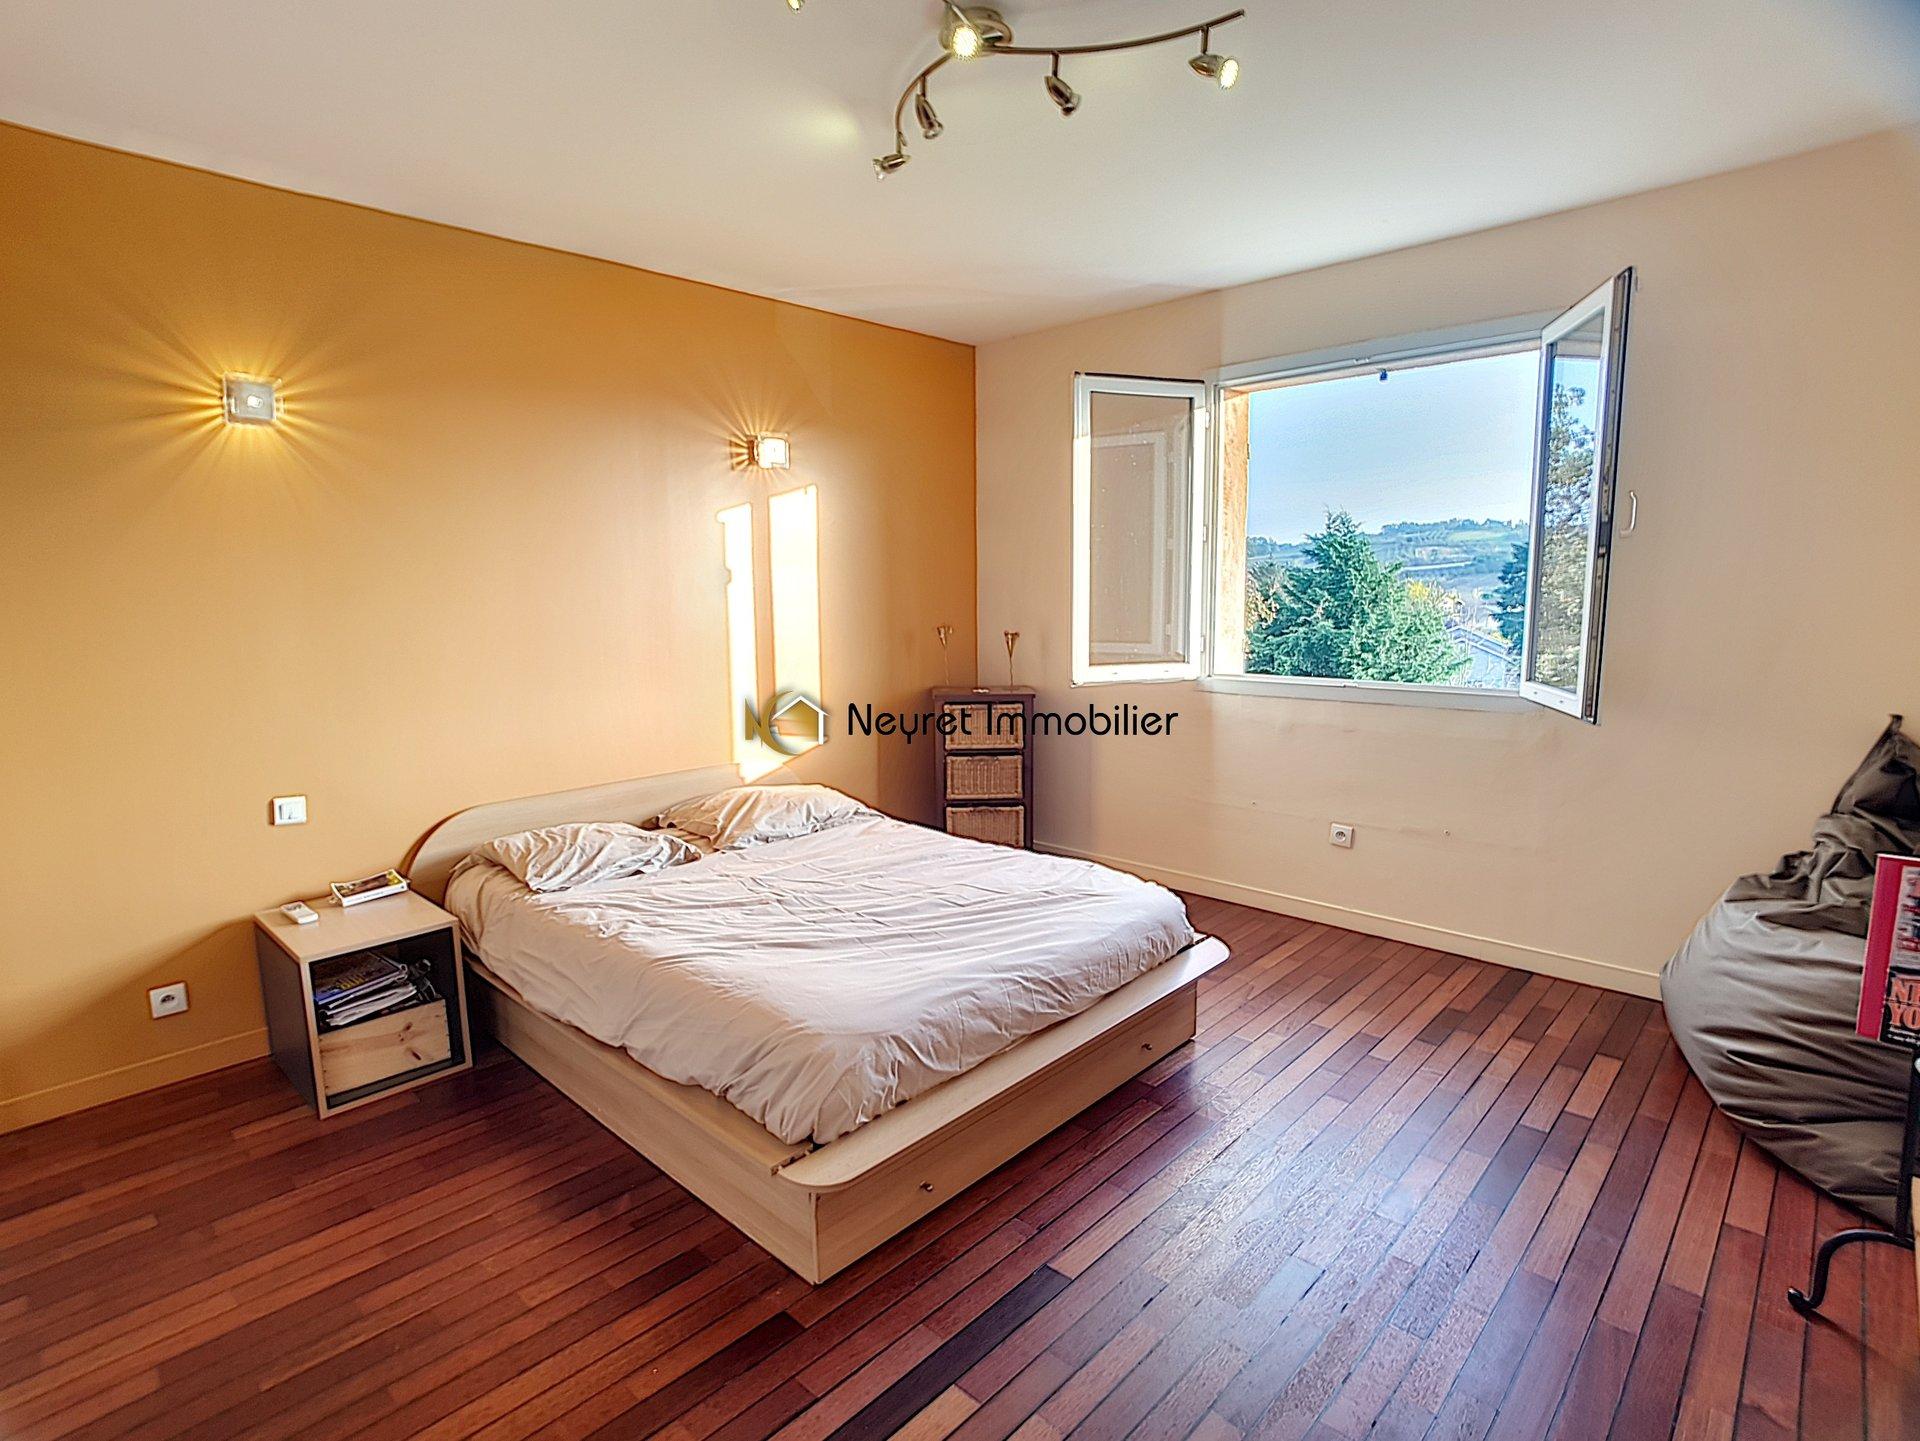 Maison  de 230 m2 surface utile